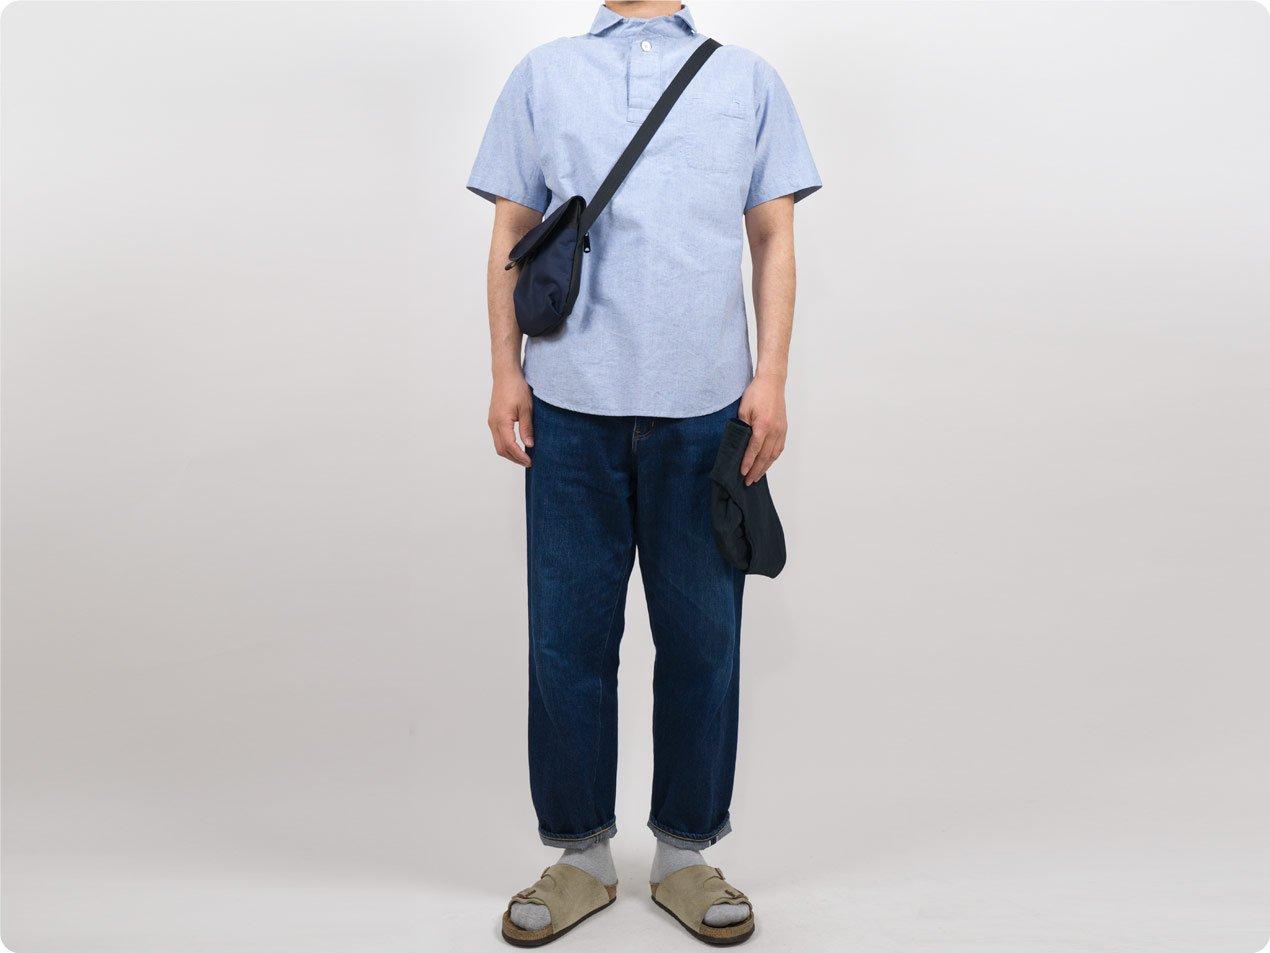 LOLO コットンプルオーバーシャツ 半袖 BLUE